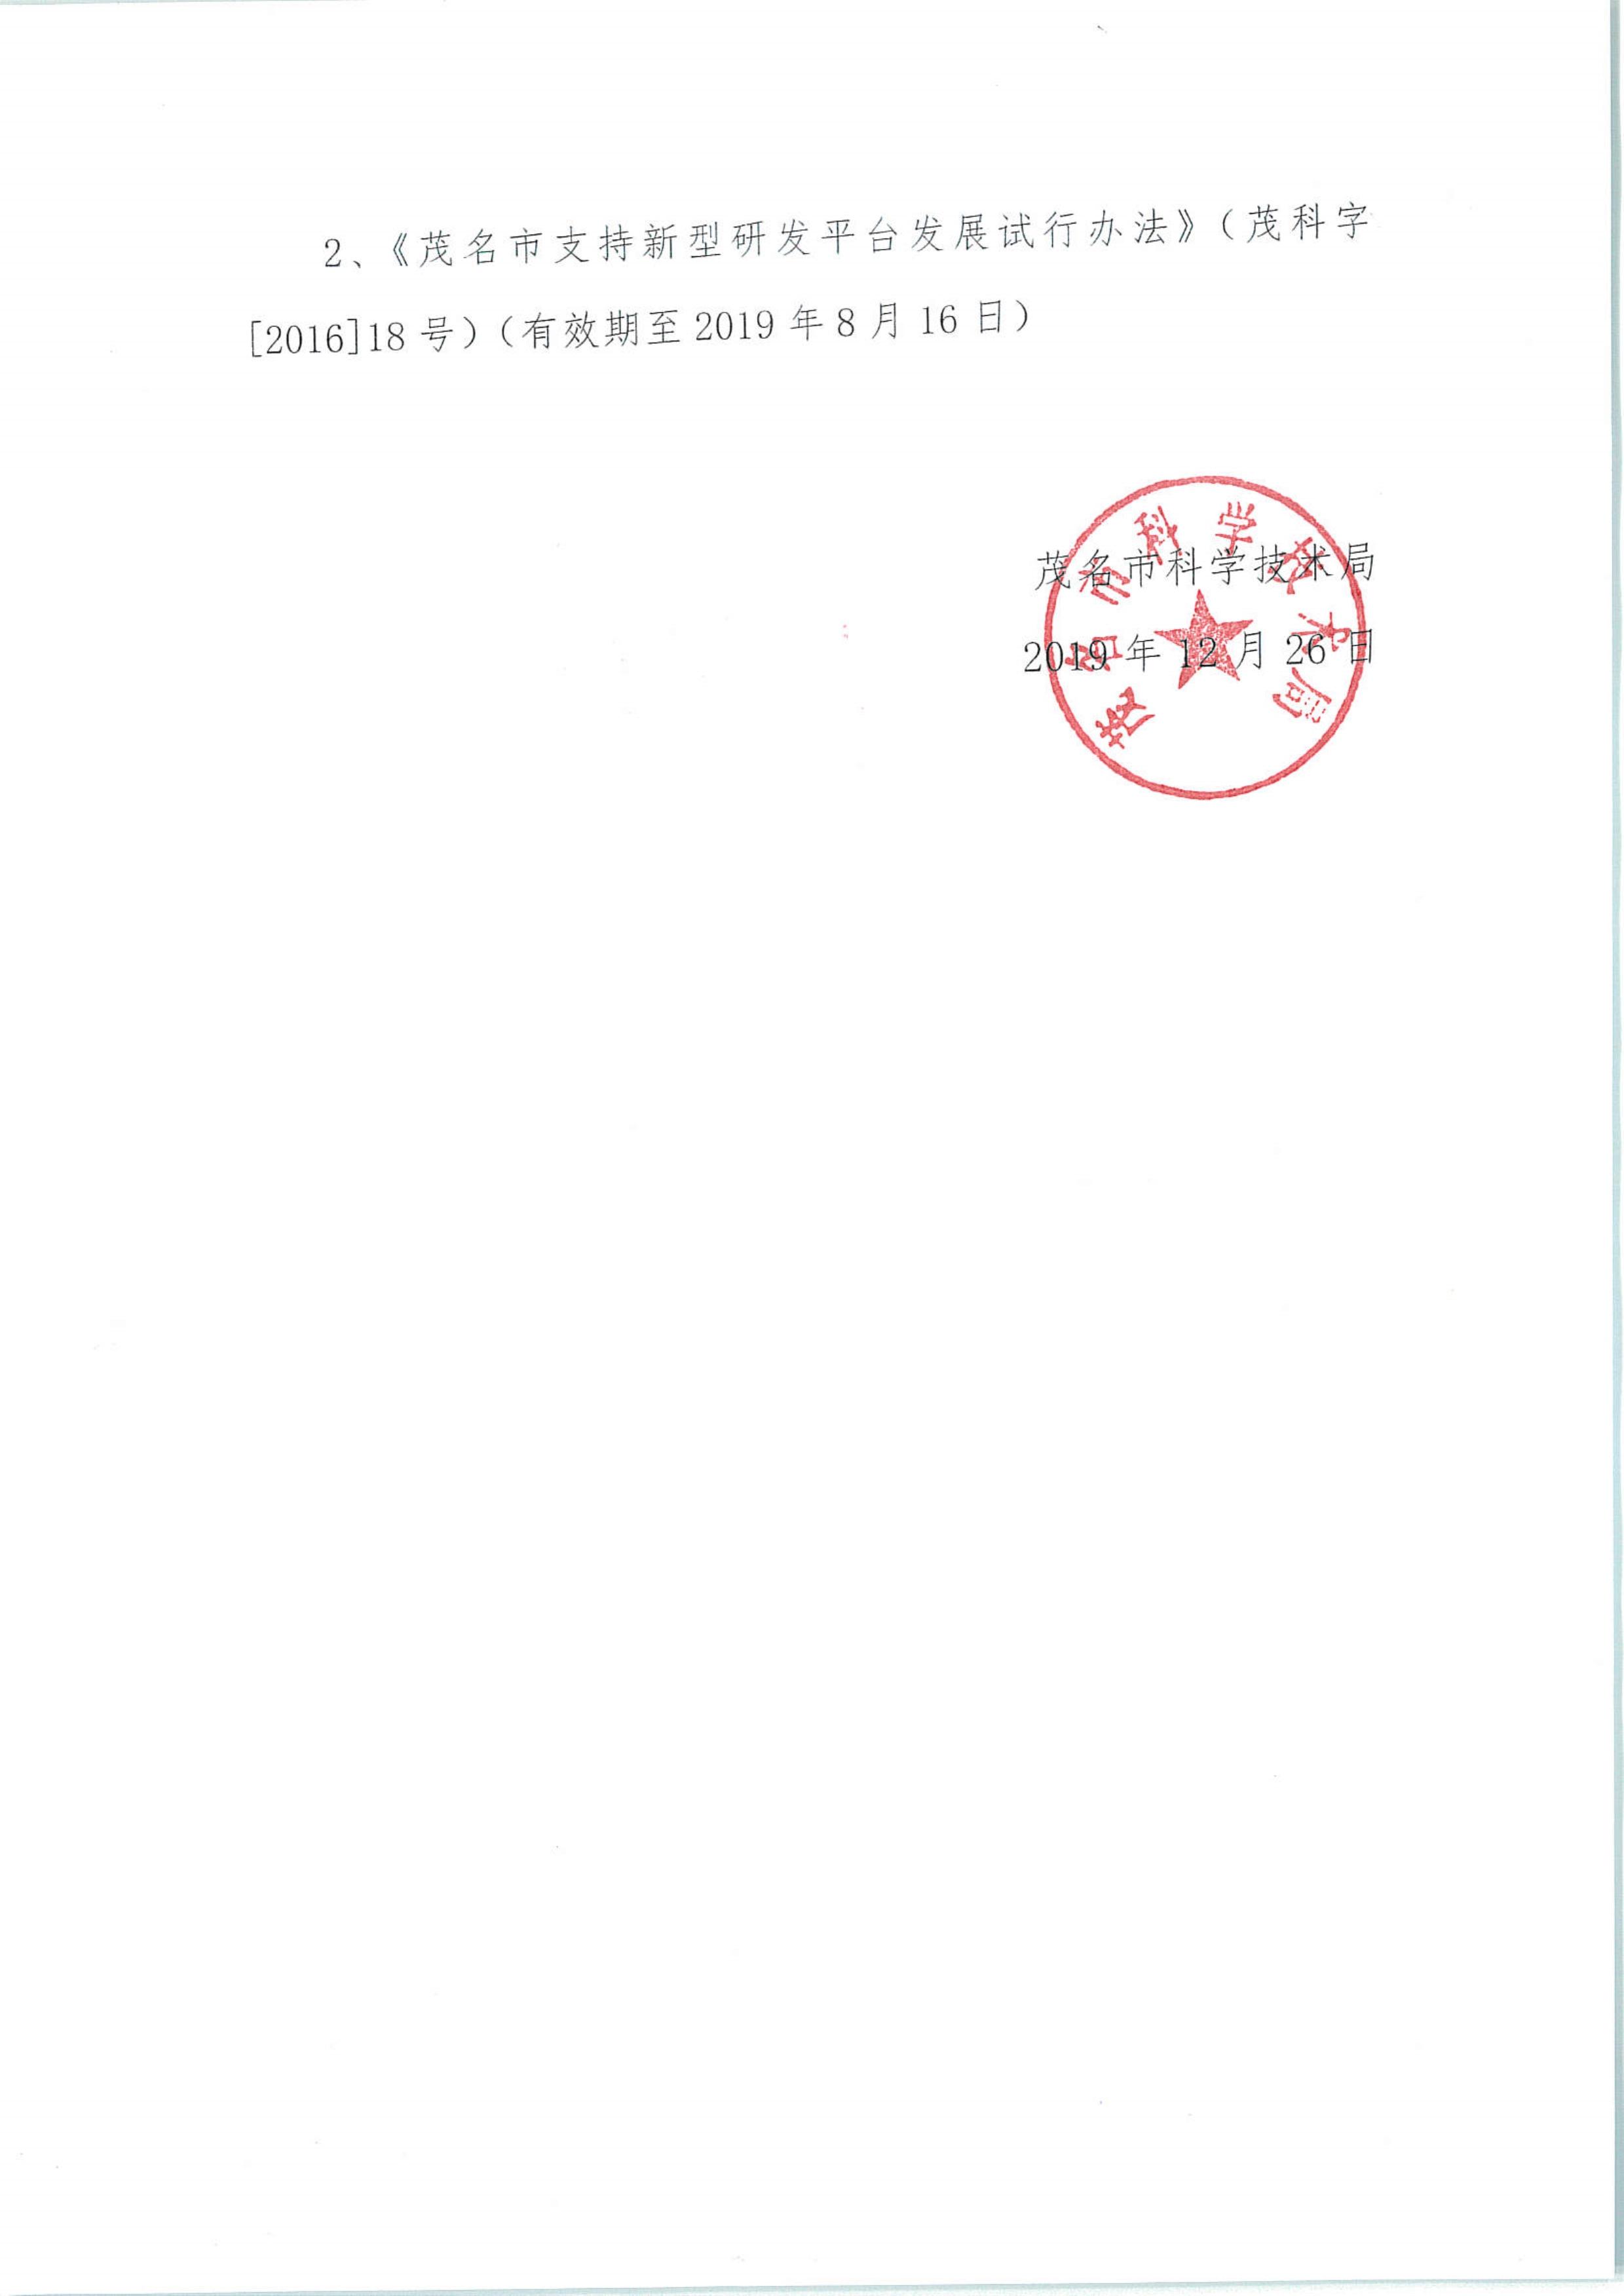 市科技局关于规范性文件清理结果的公告_2.jpg